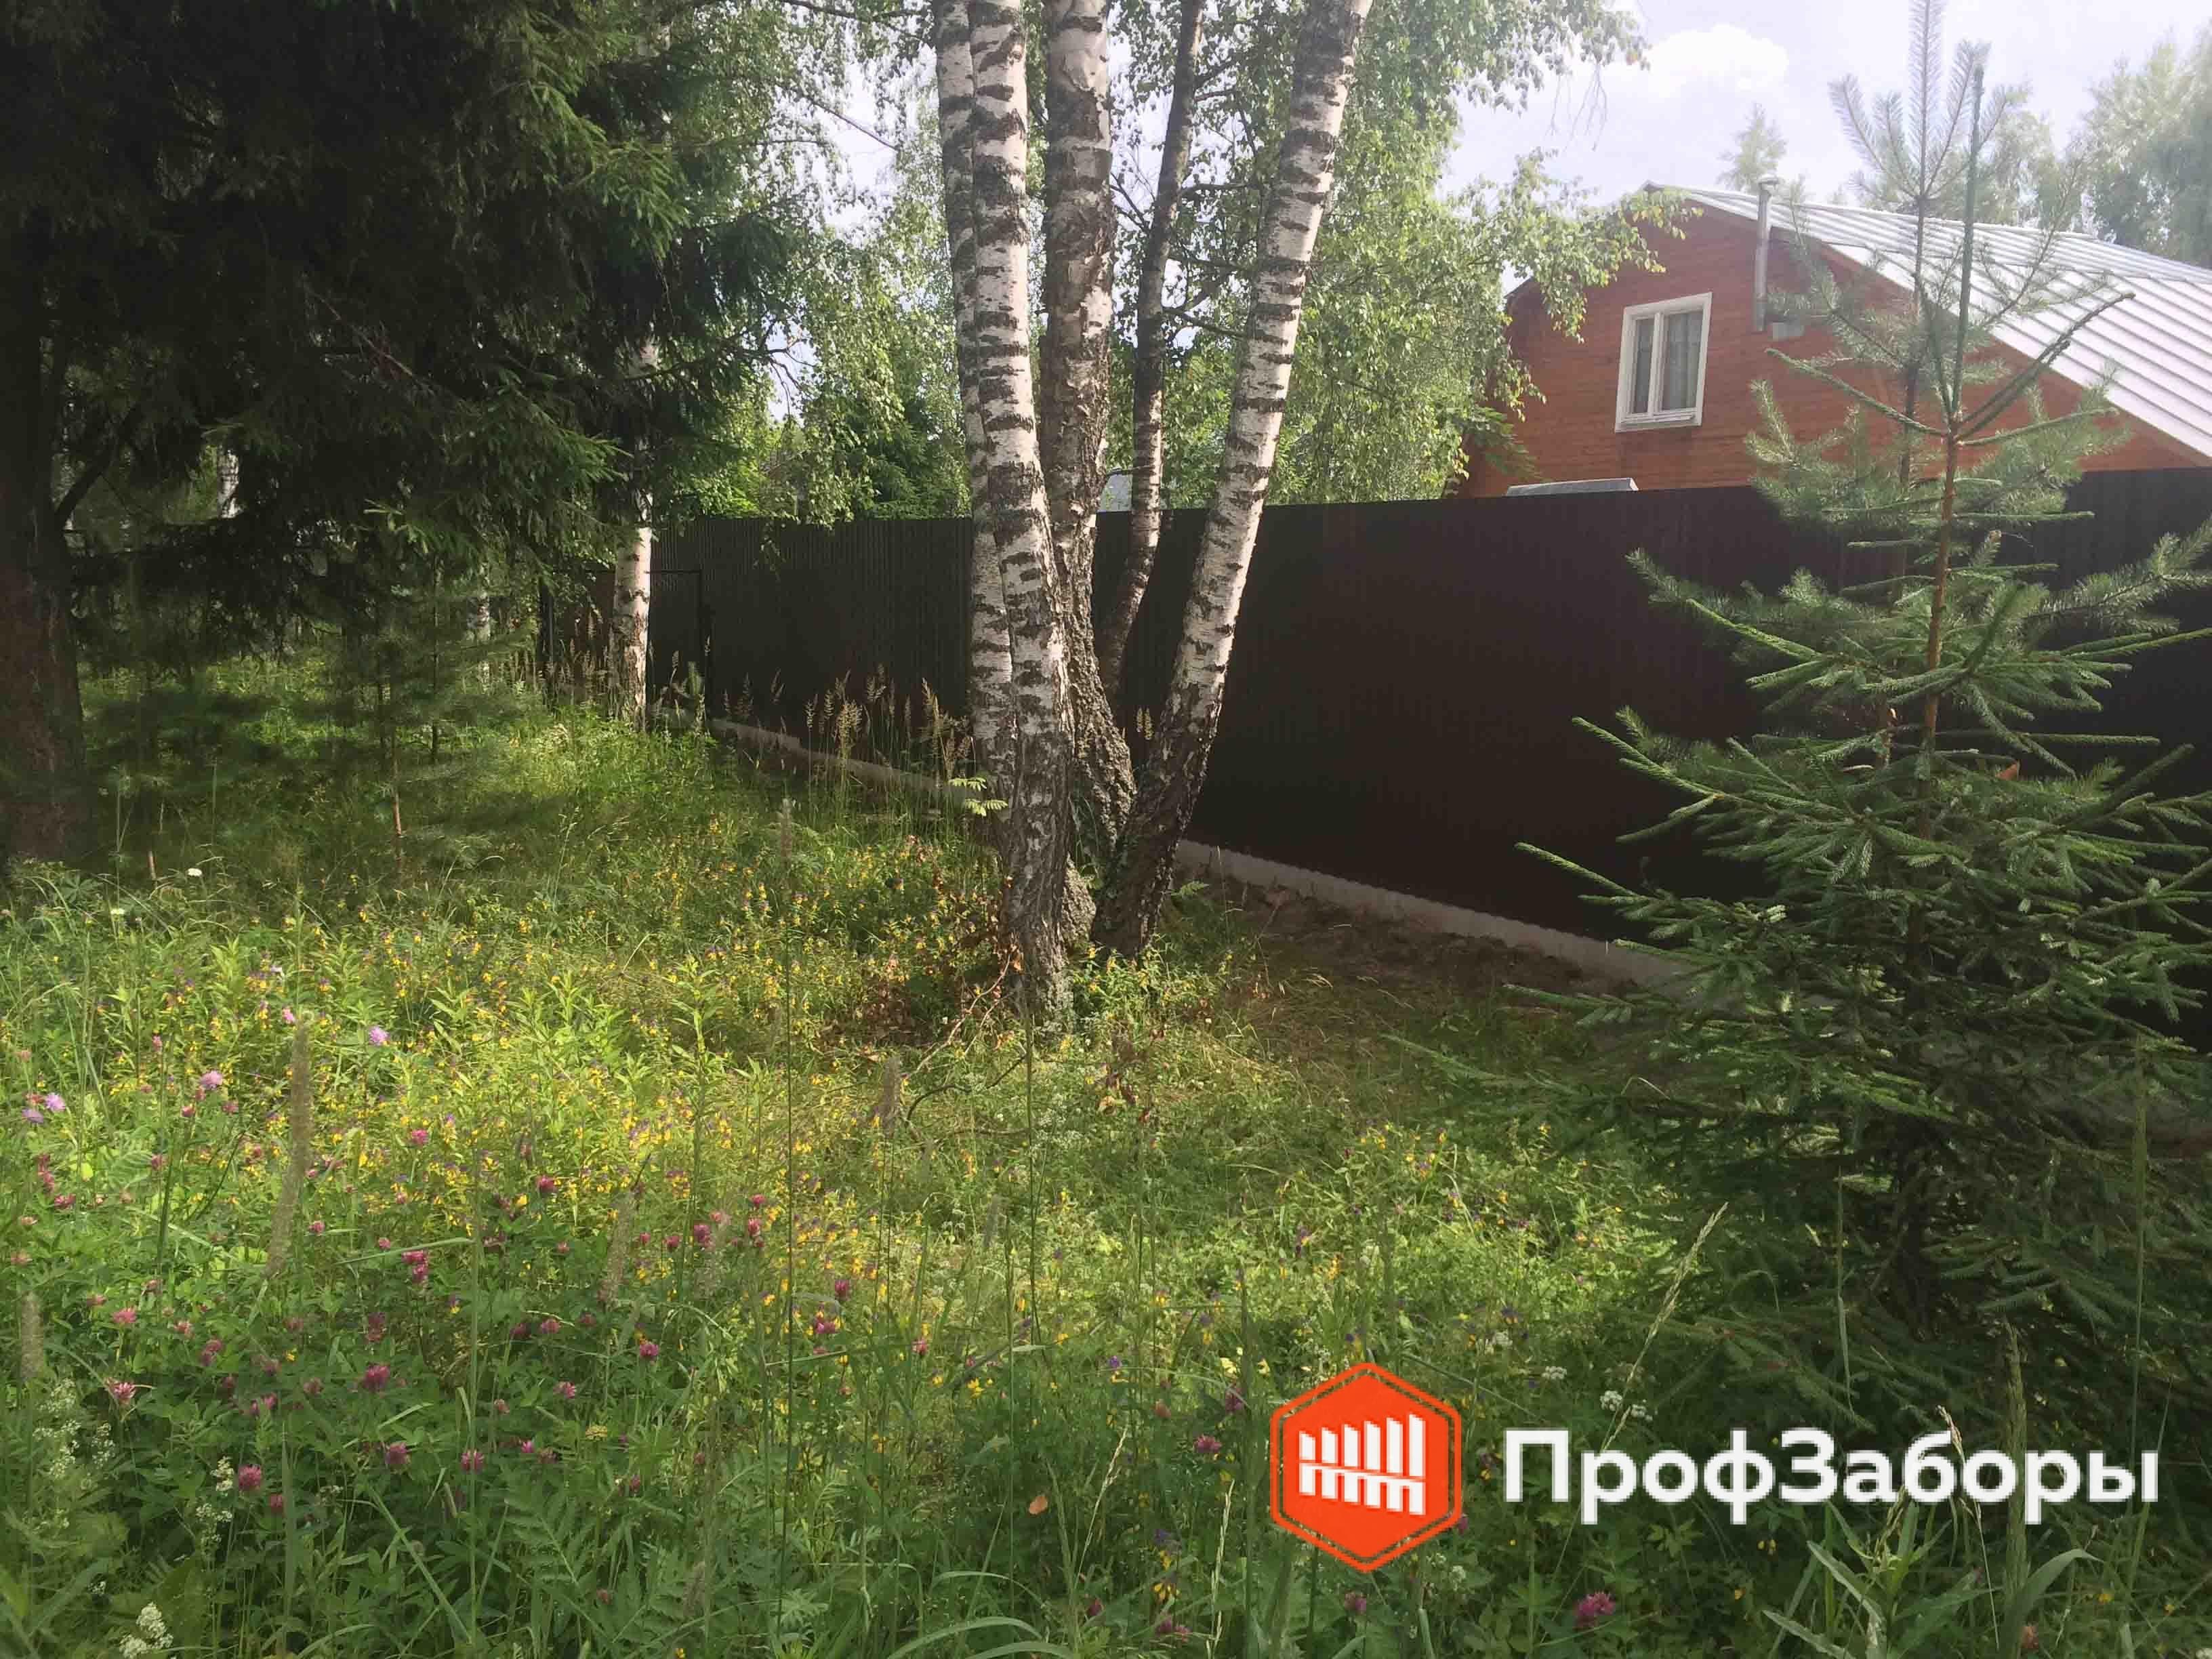 Заборы Из профнастила  - Городской округ Луховицы. Фото 3